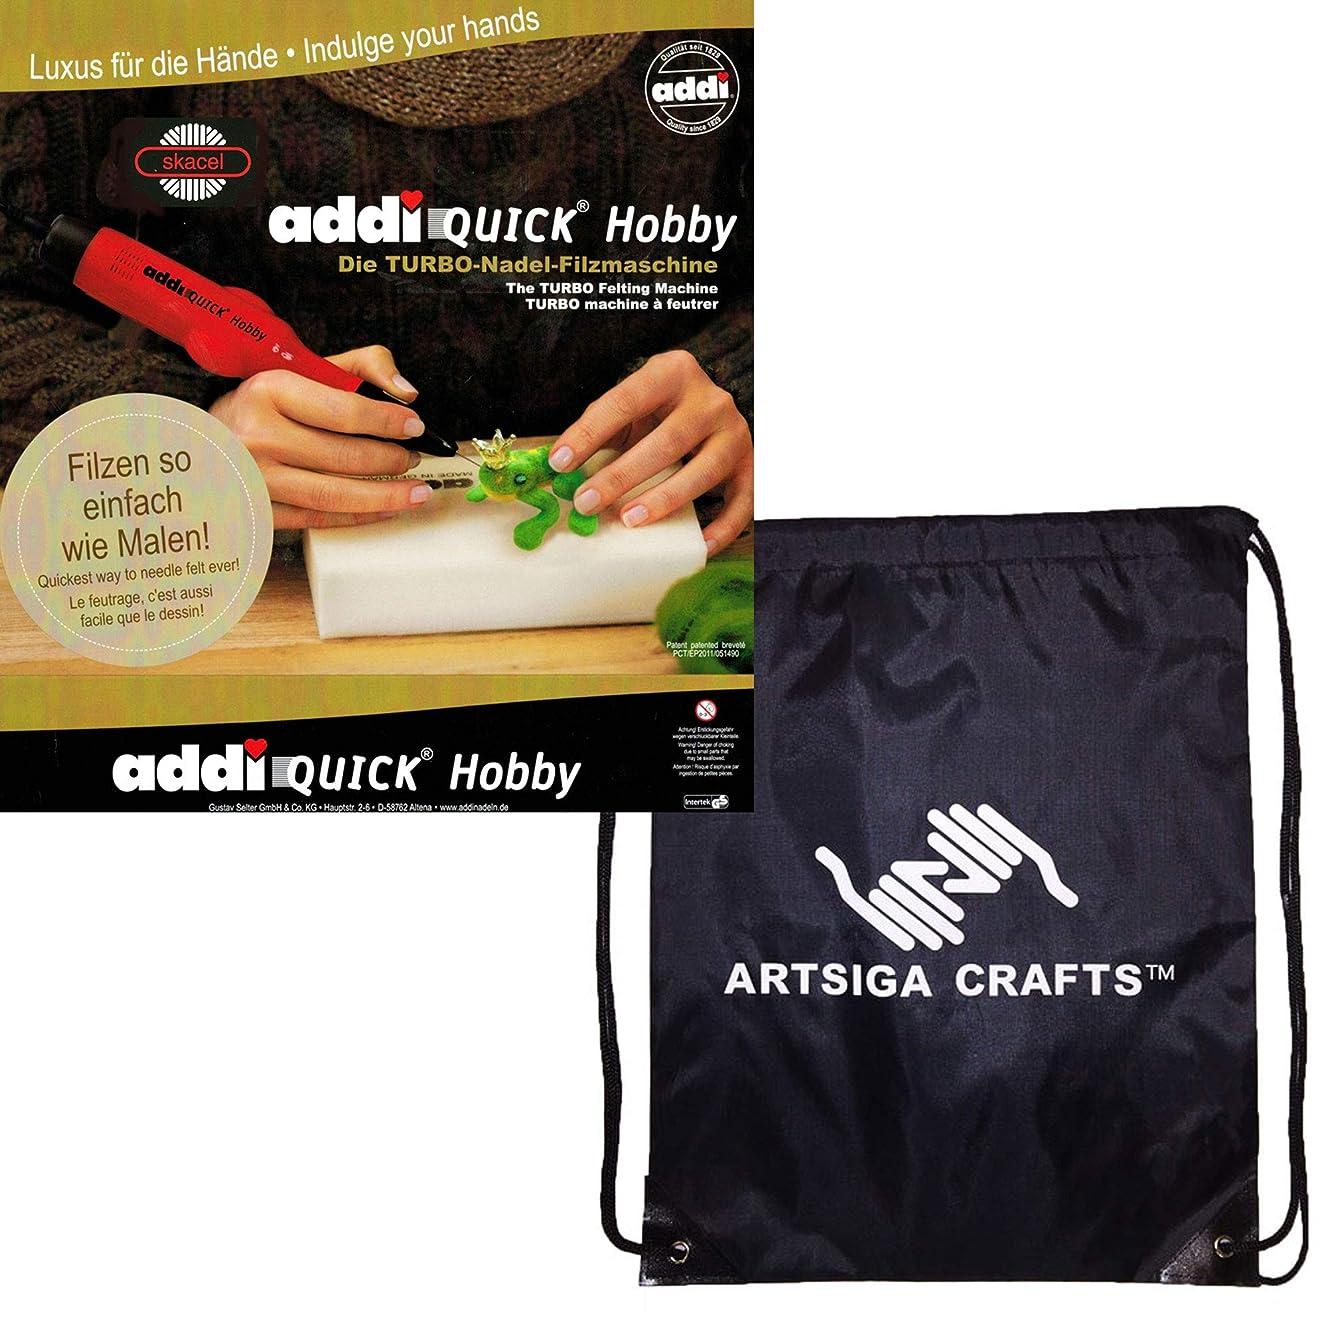 addi Quick Hobby Turbo Needle Felting Machine 850-2 Bundle with 1 Artsiga Crafts Project Bag